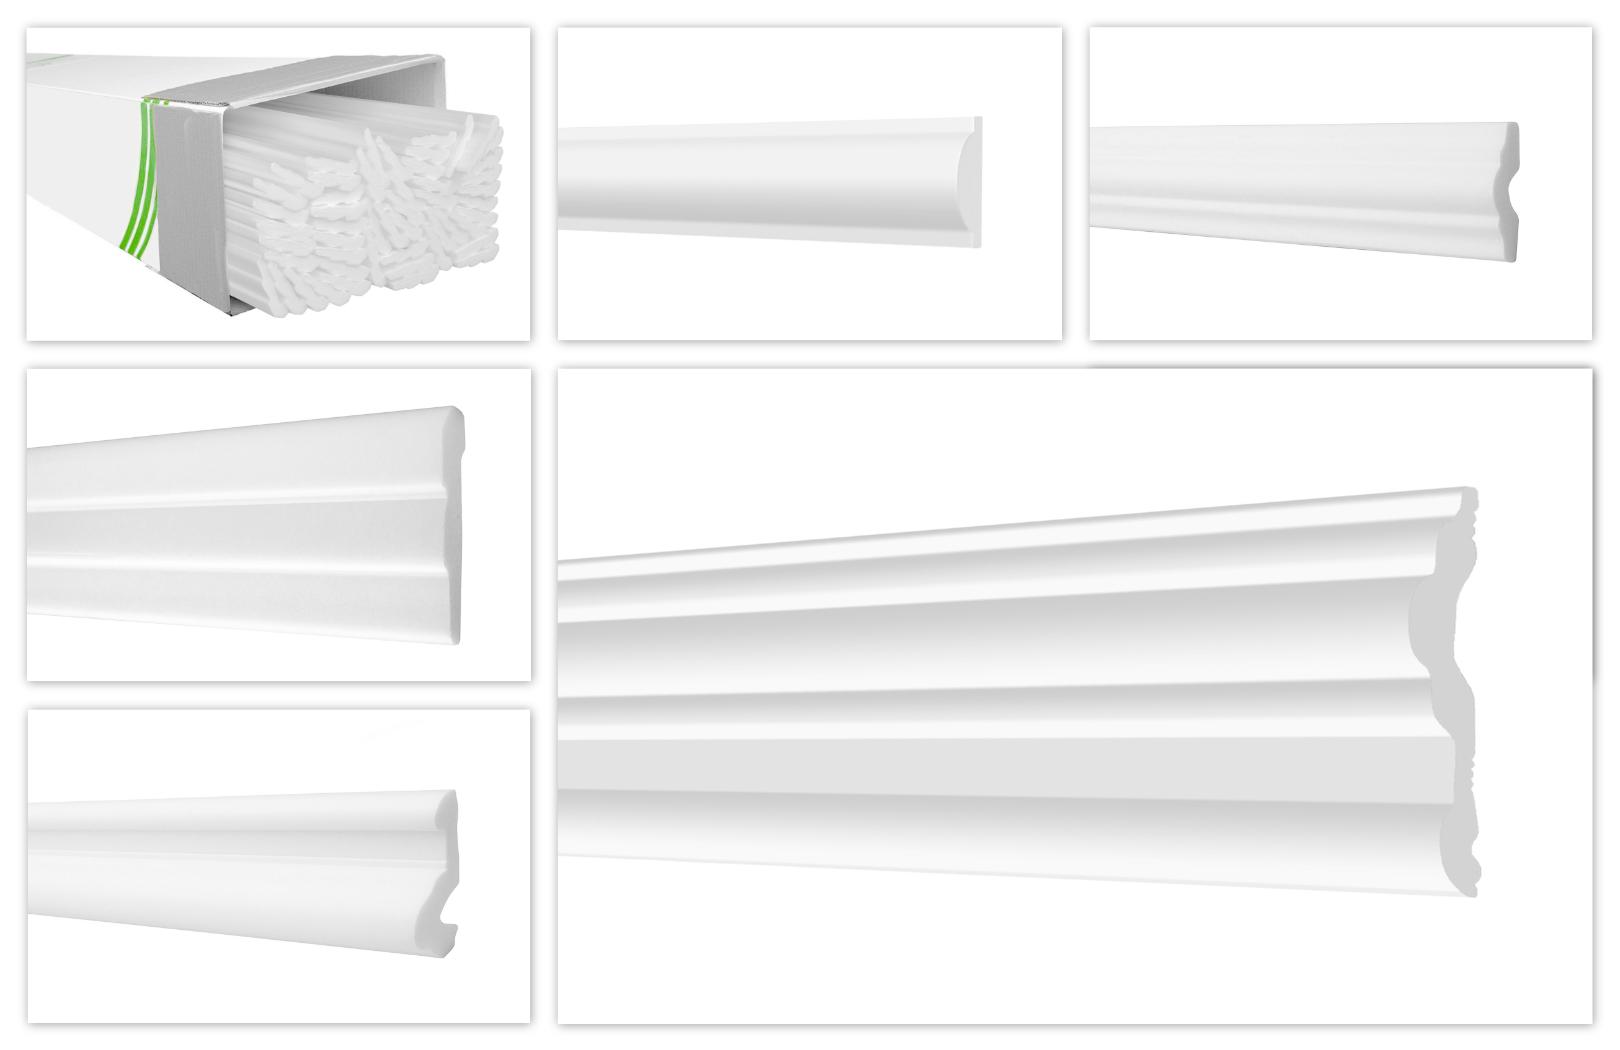 HEXIMO 2 Meter Deckenleisten aus Styropor XPS ZG1-15x15mm Stuck Zierleisten Eckleisten Styroporleisten Winkelleisten Wandleisten Hochwertige Stuckleisten leicht /& robust im modernen Design -